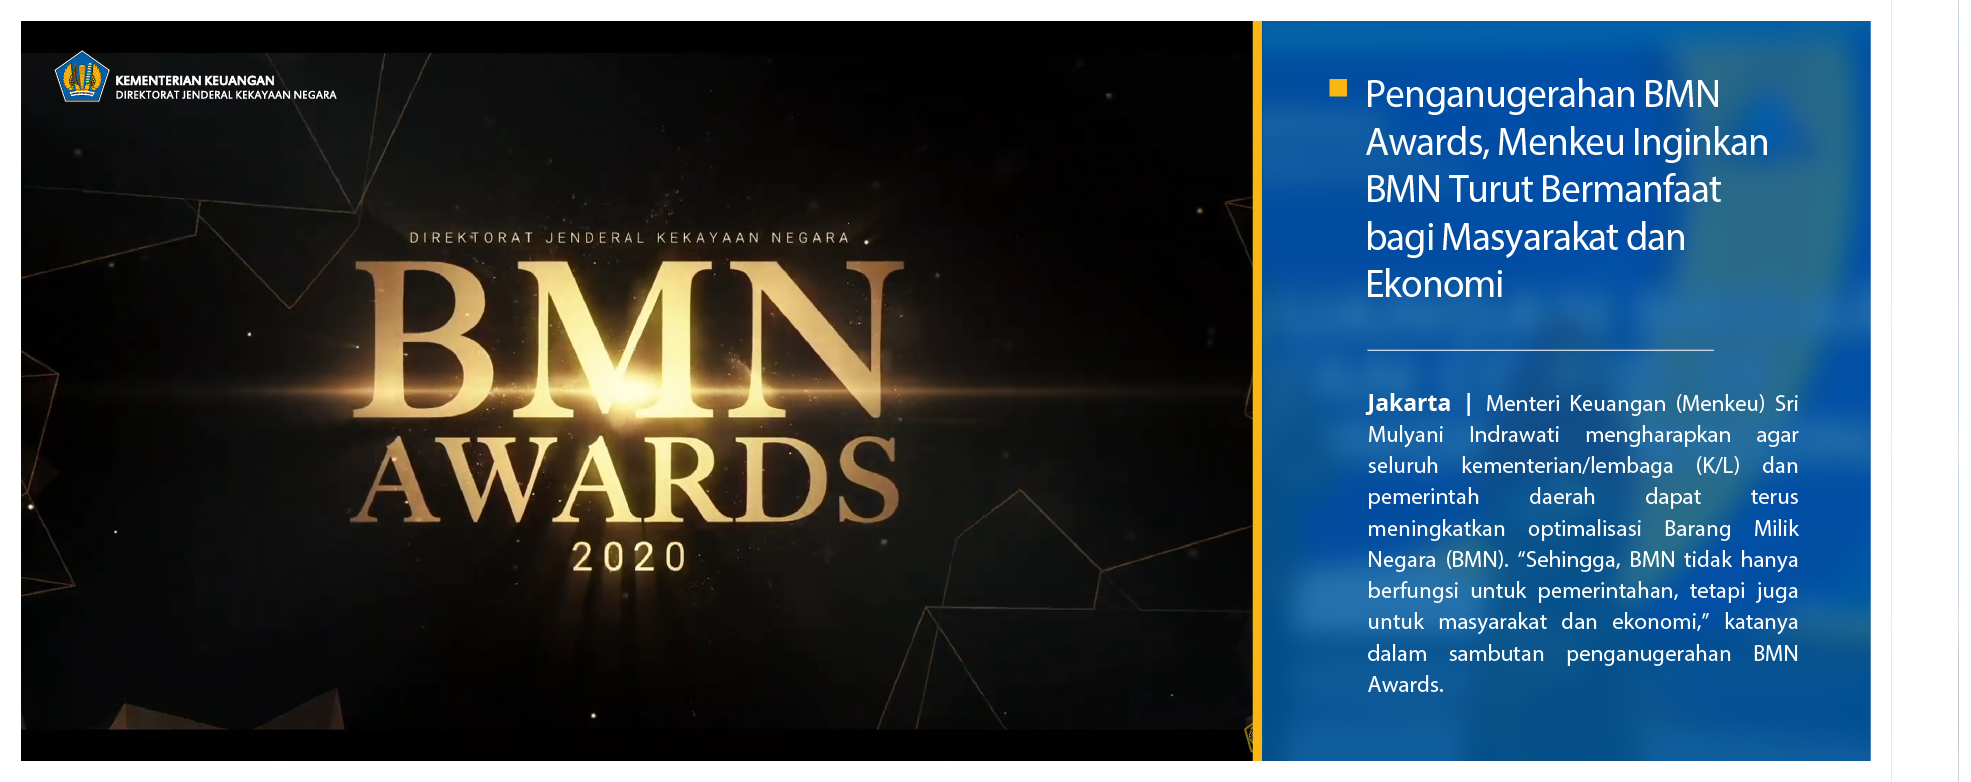 Penganugerahan BMN Awards, Menkeu Inginkan BMN Turut Bermanfaat bagi Masyarakat dan Ekonomi